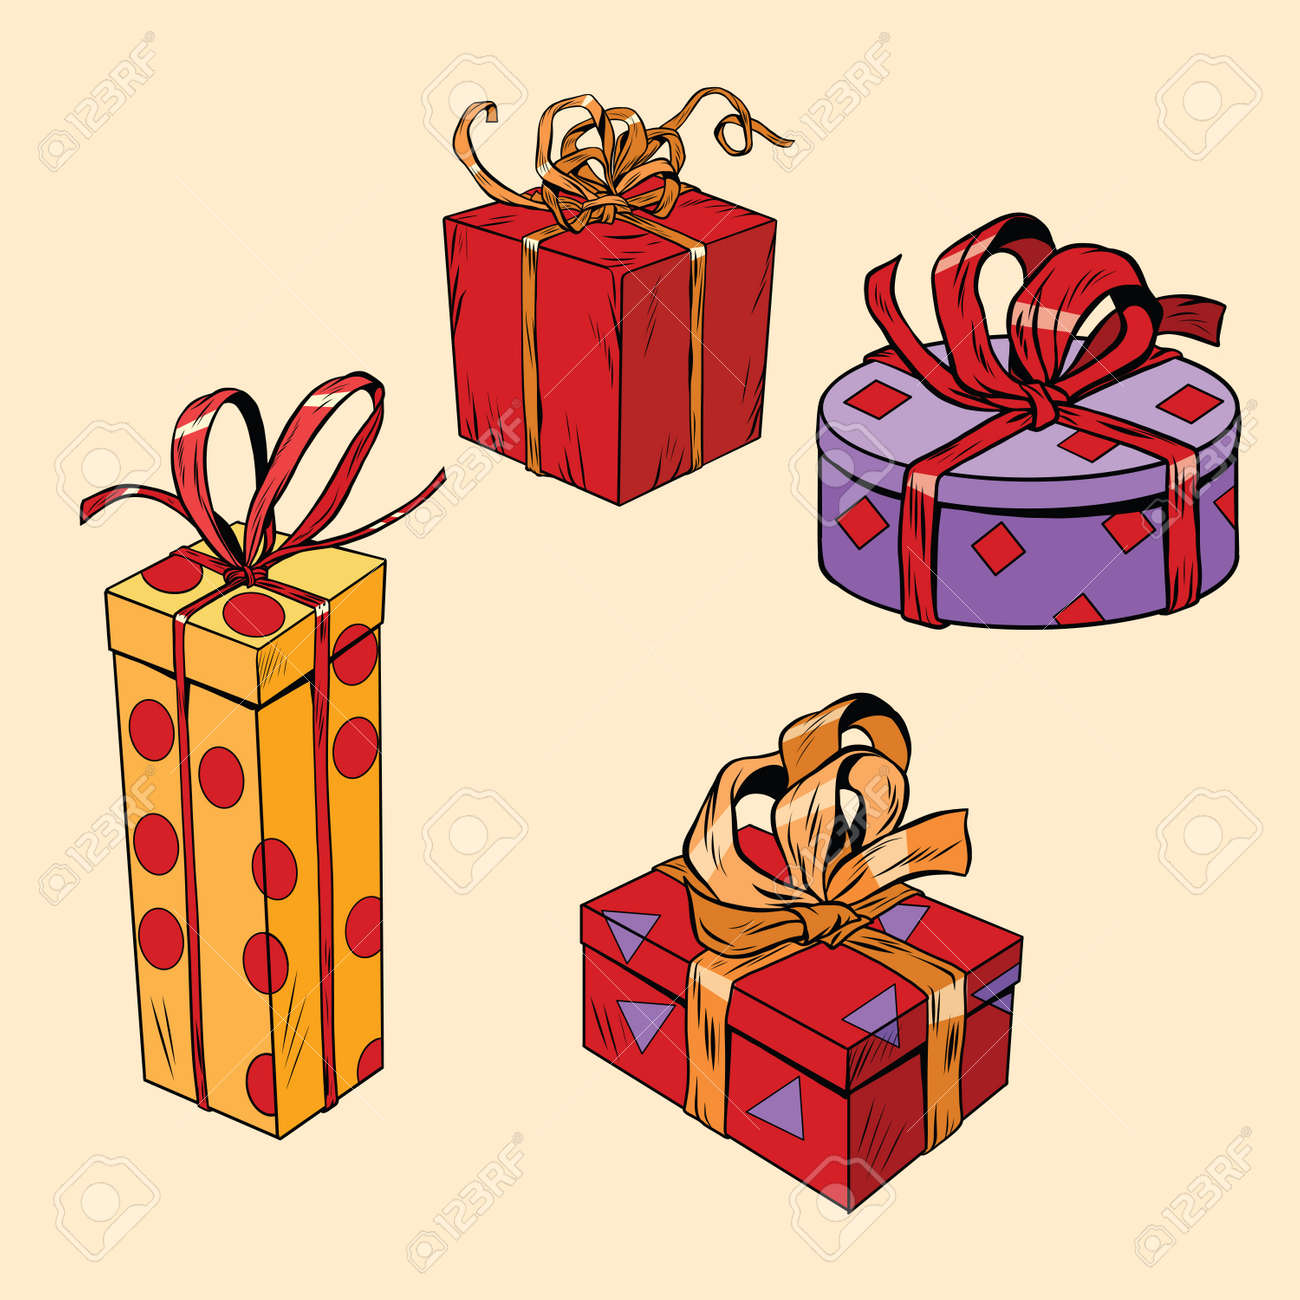 Satz Von Urlaub Weihnachten Boxen Mit Geschenken, Pop-Art Retro ...